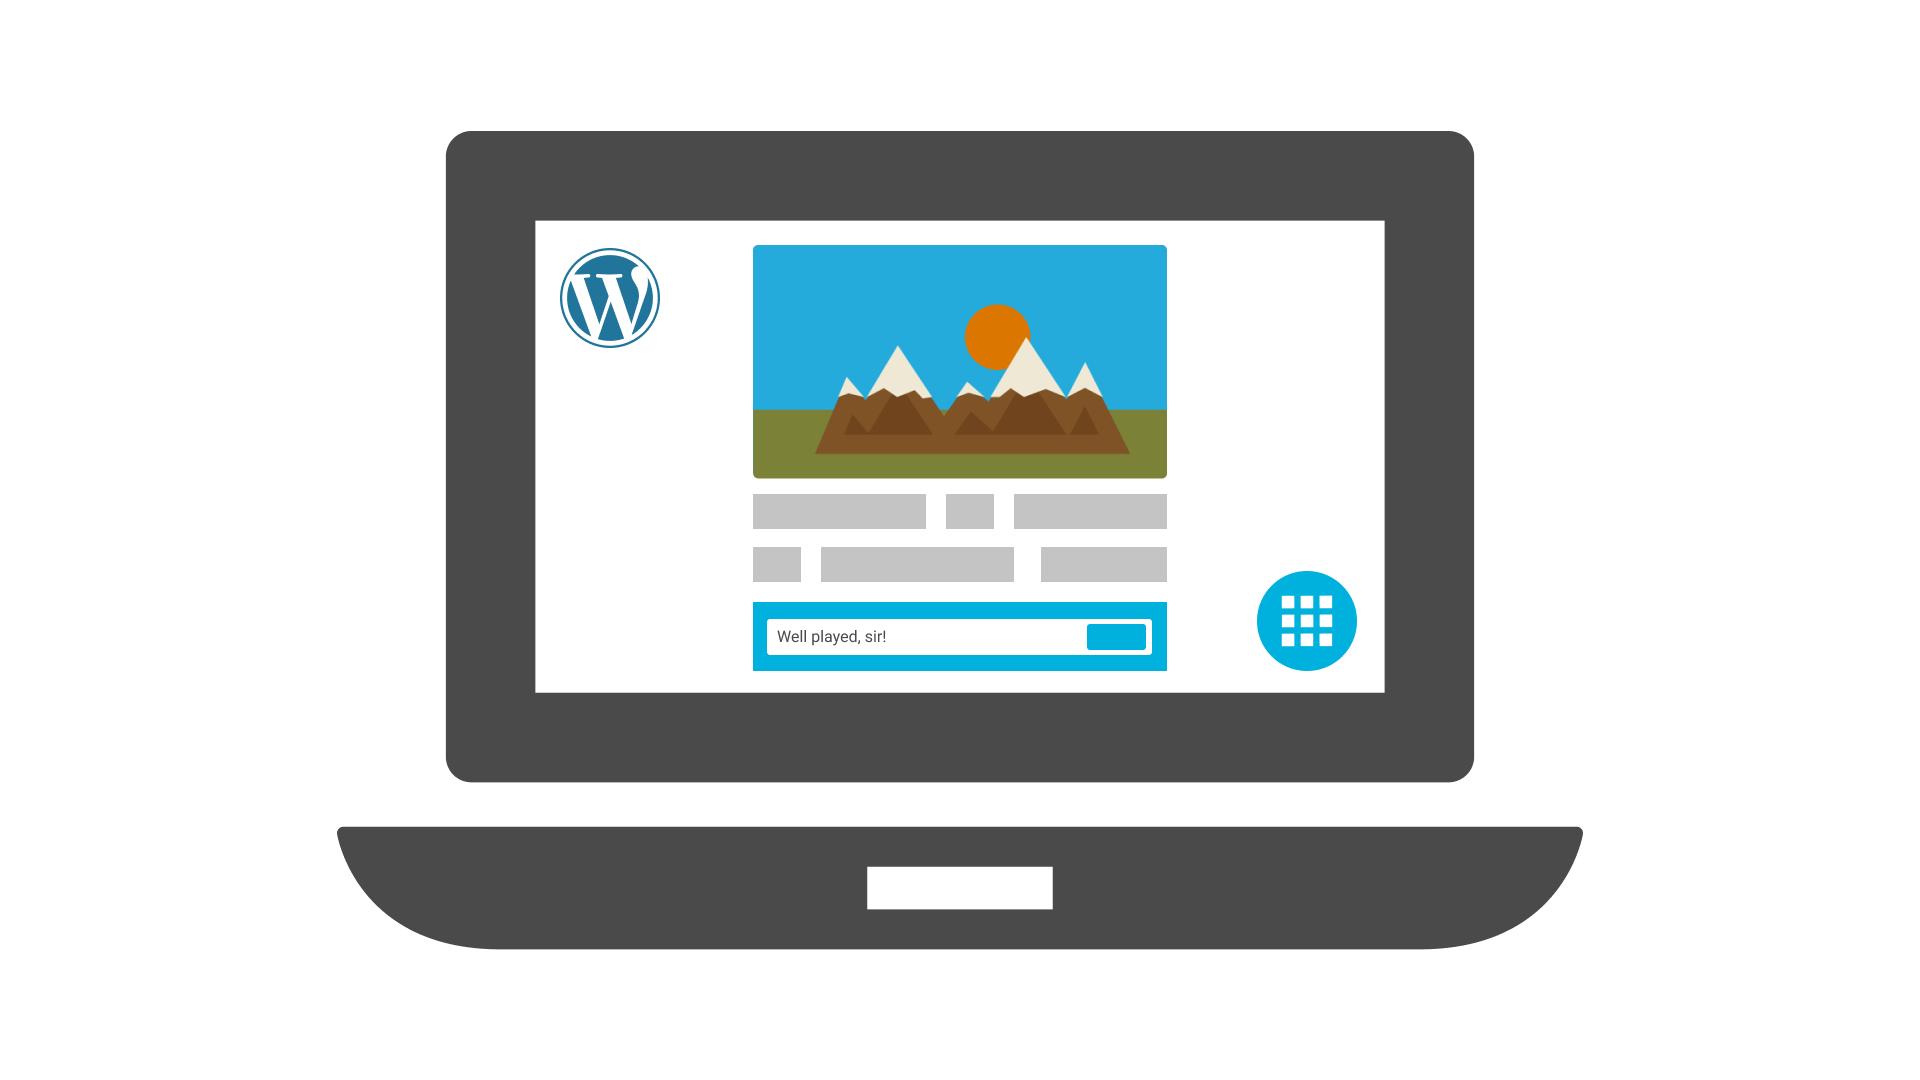 come-consentire-agli-utenti-di-caricare-immagini-nei-commenti-di-wordpress